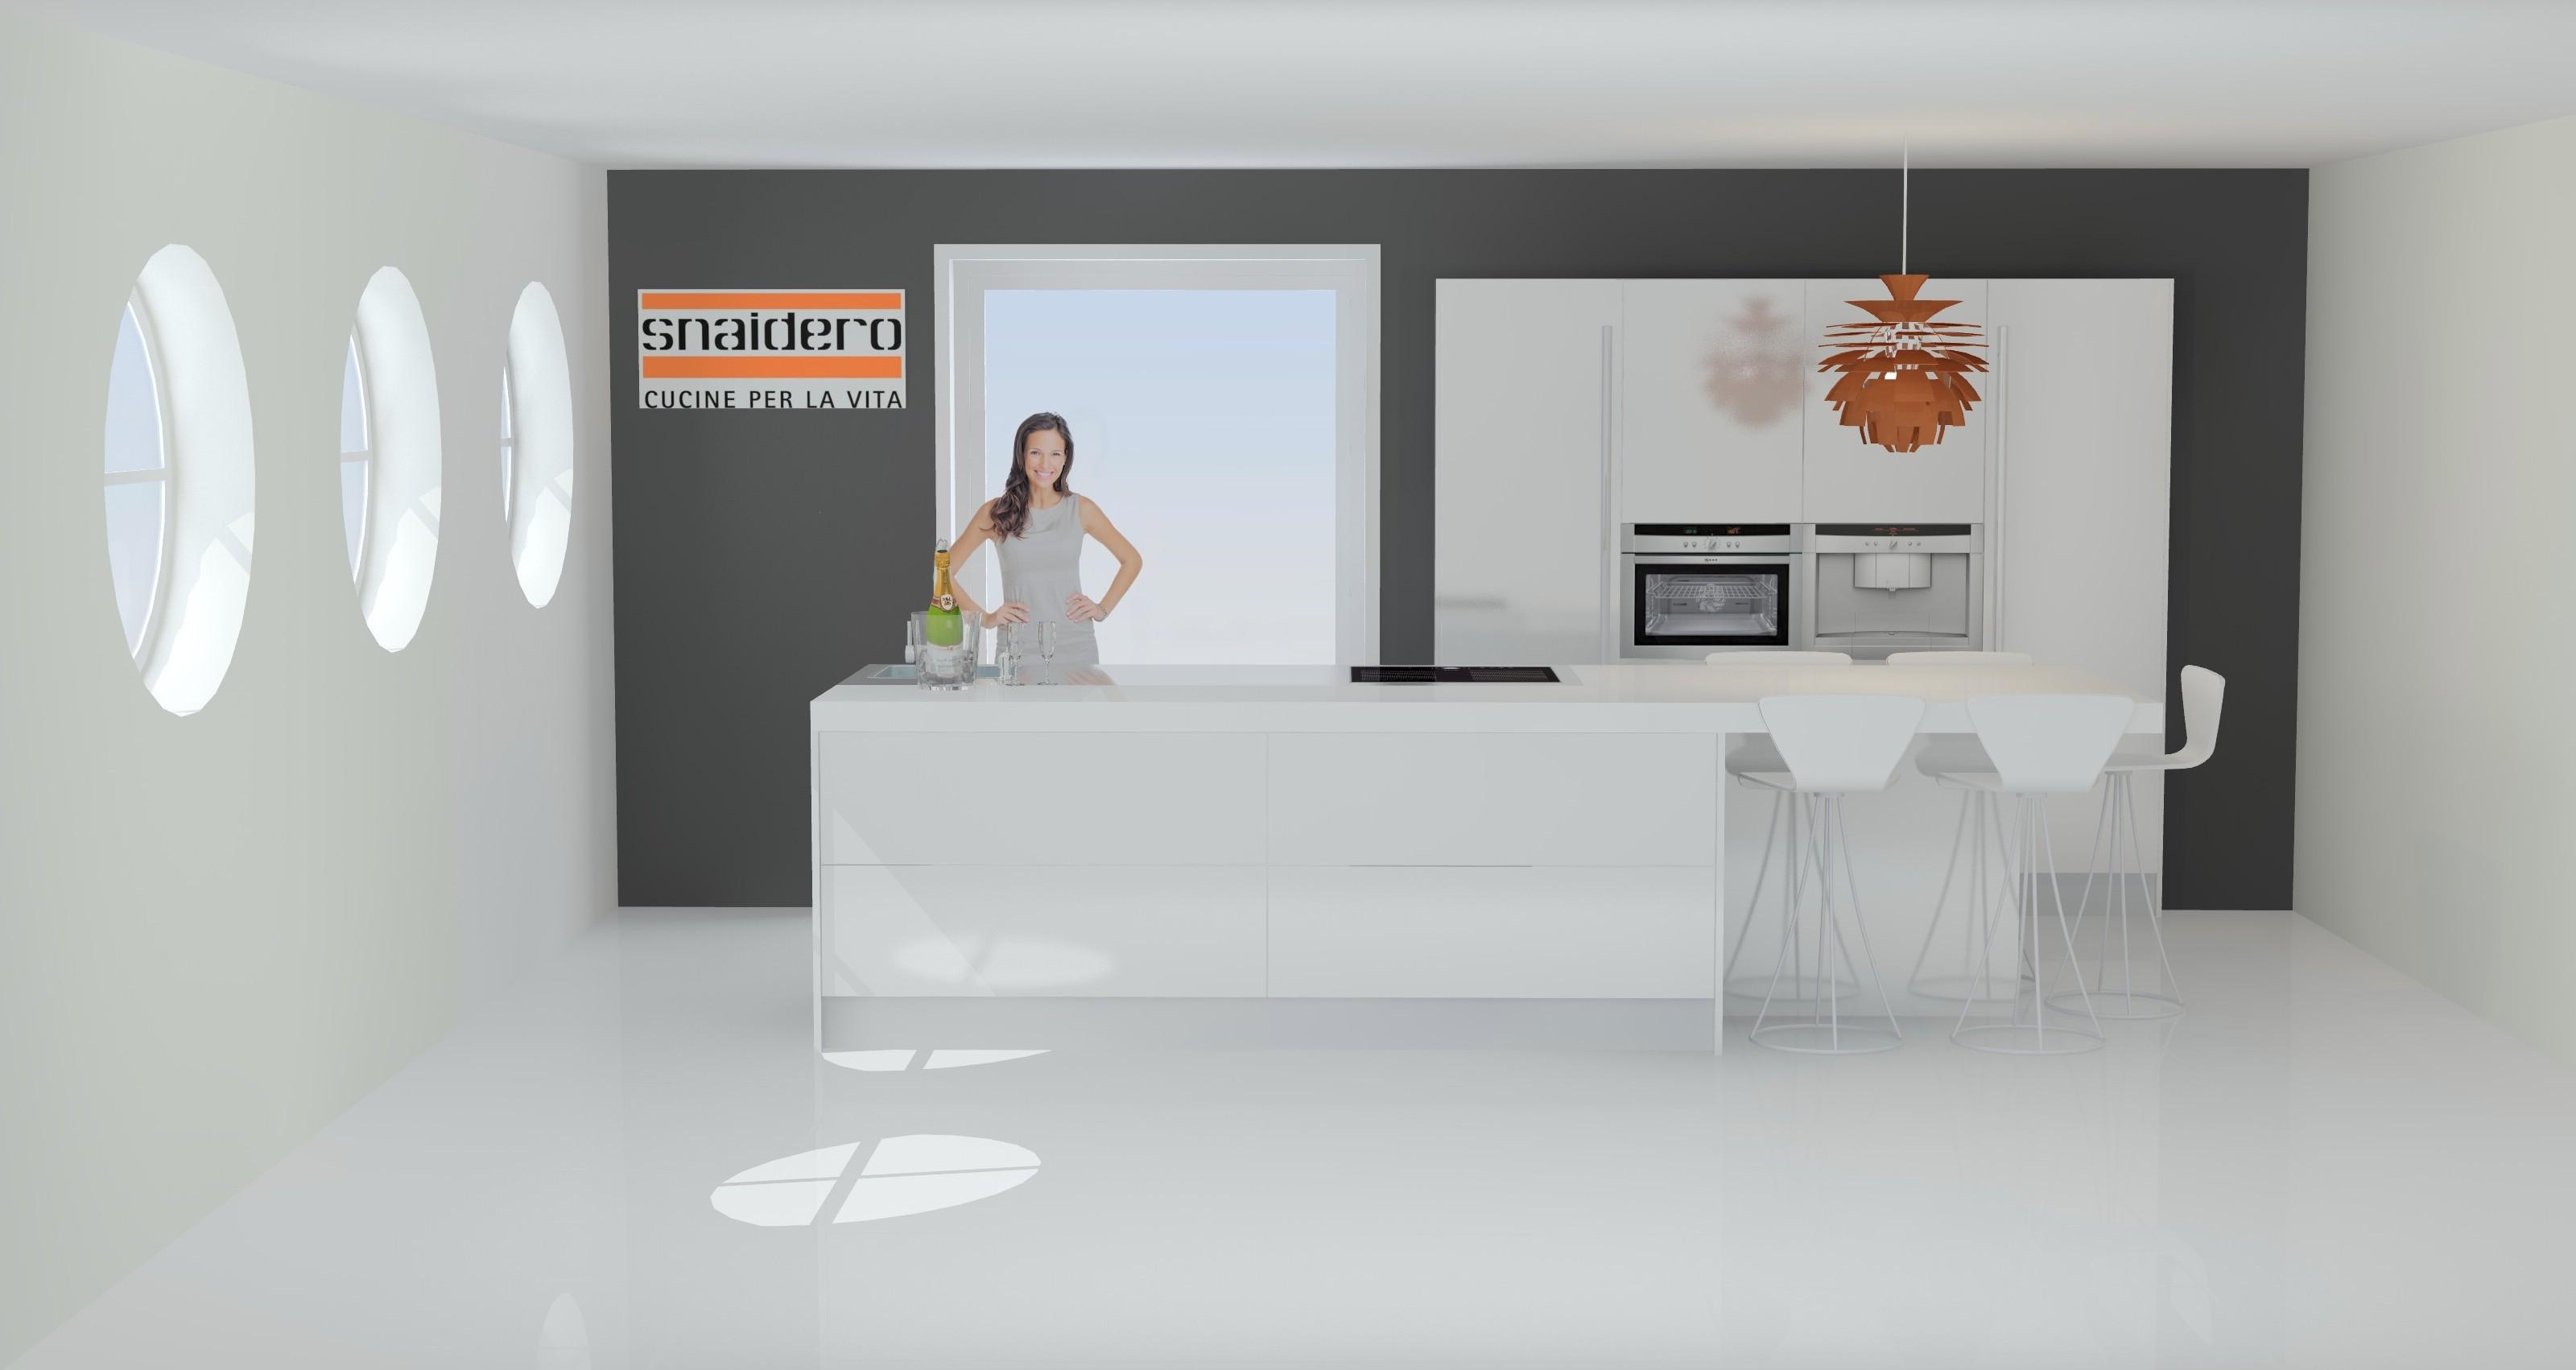 Werkblad Keuken Verven : Snaidero concept store stijlvolle designkeukens italiaans design